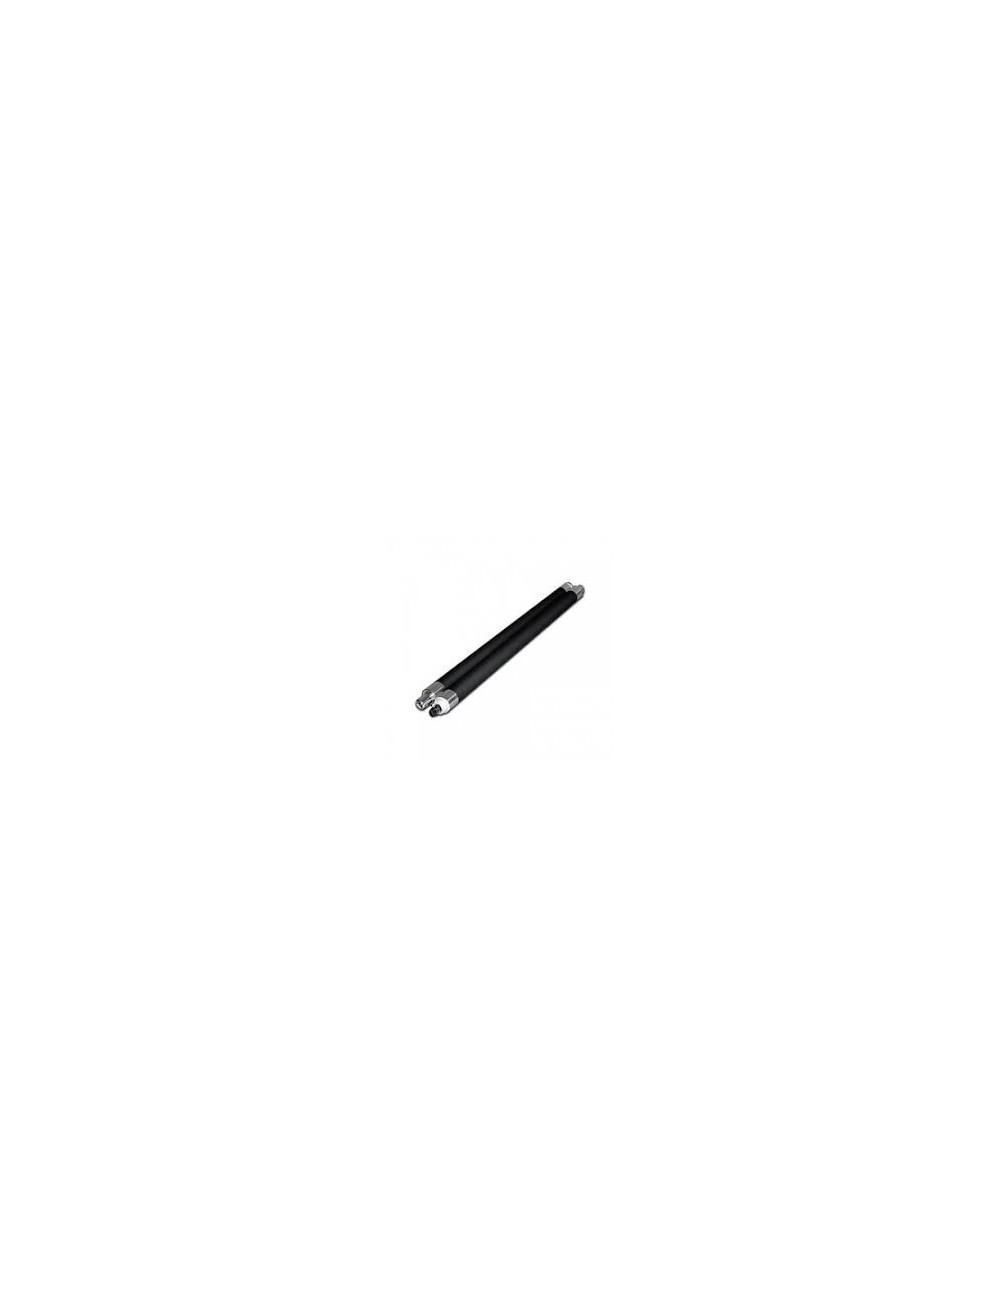 Ανταλλακτικό για toner MAGN. ROLLER SEALING BLADE HP 2400/2420/30